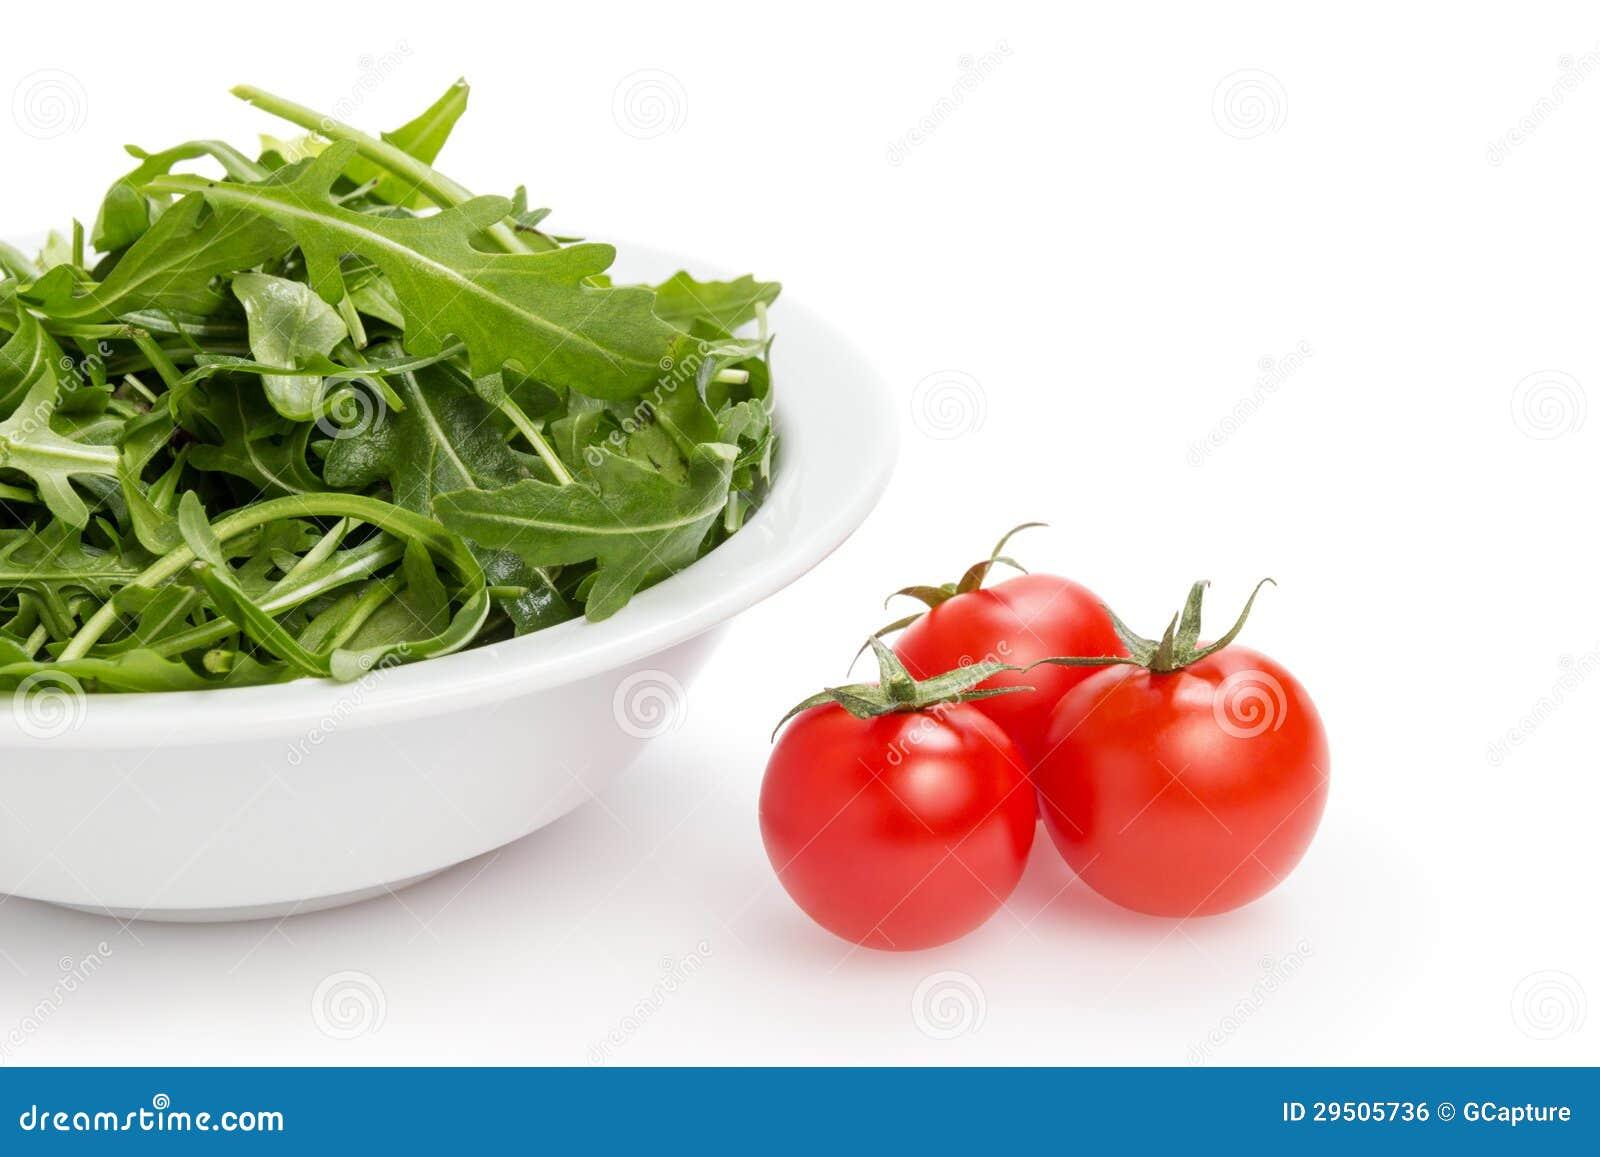 Verse rucolabladeren in een kom en tomaten